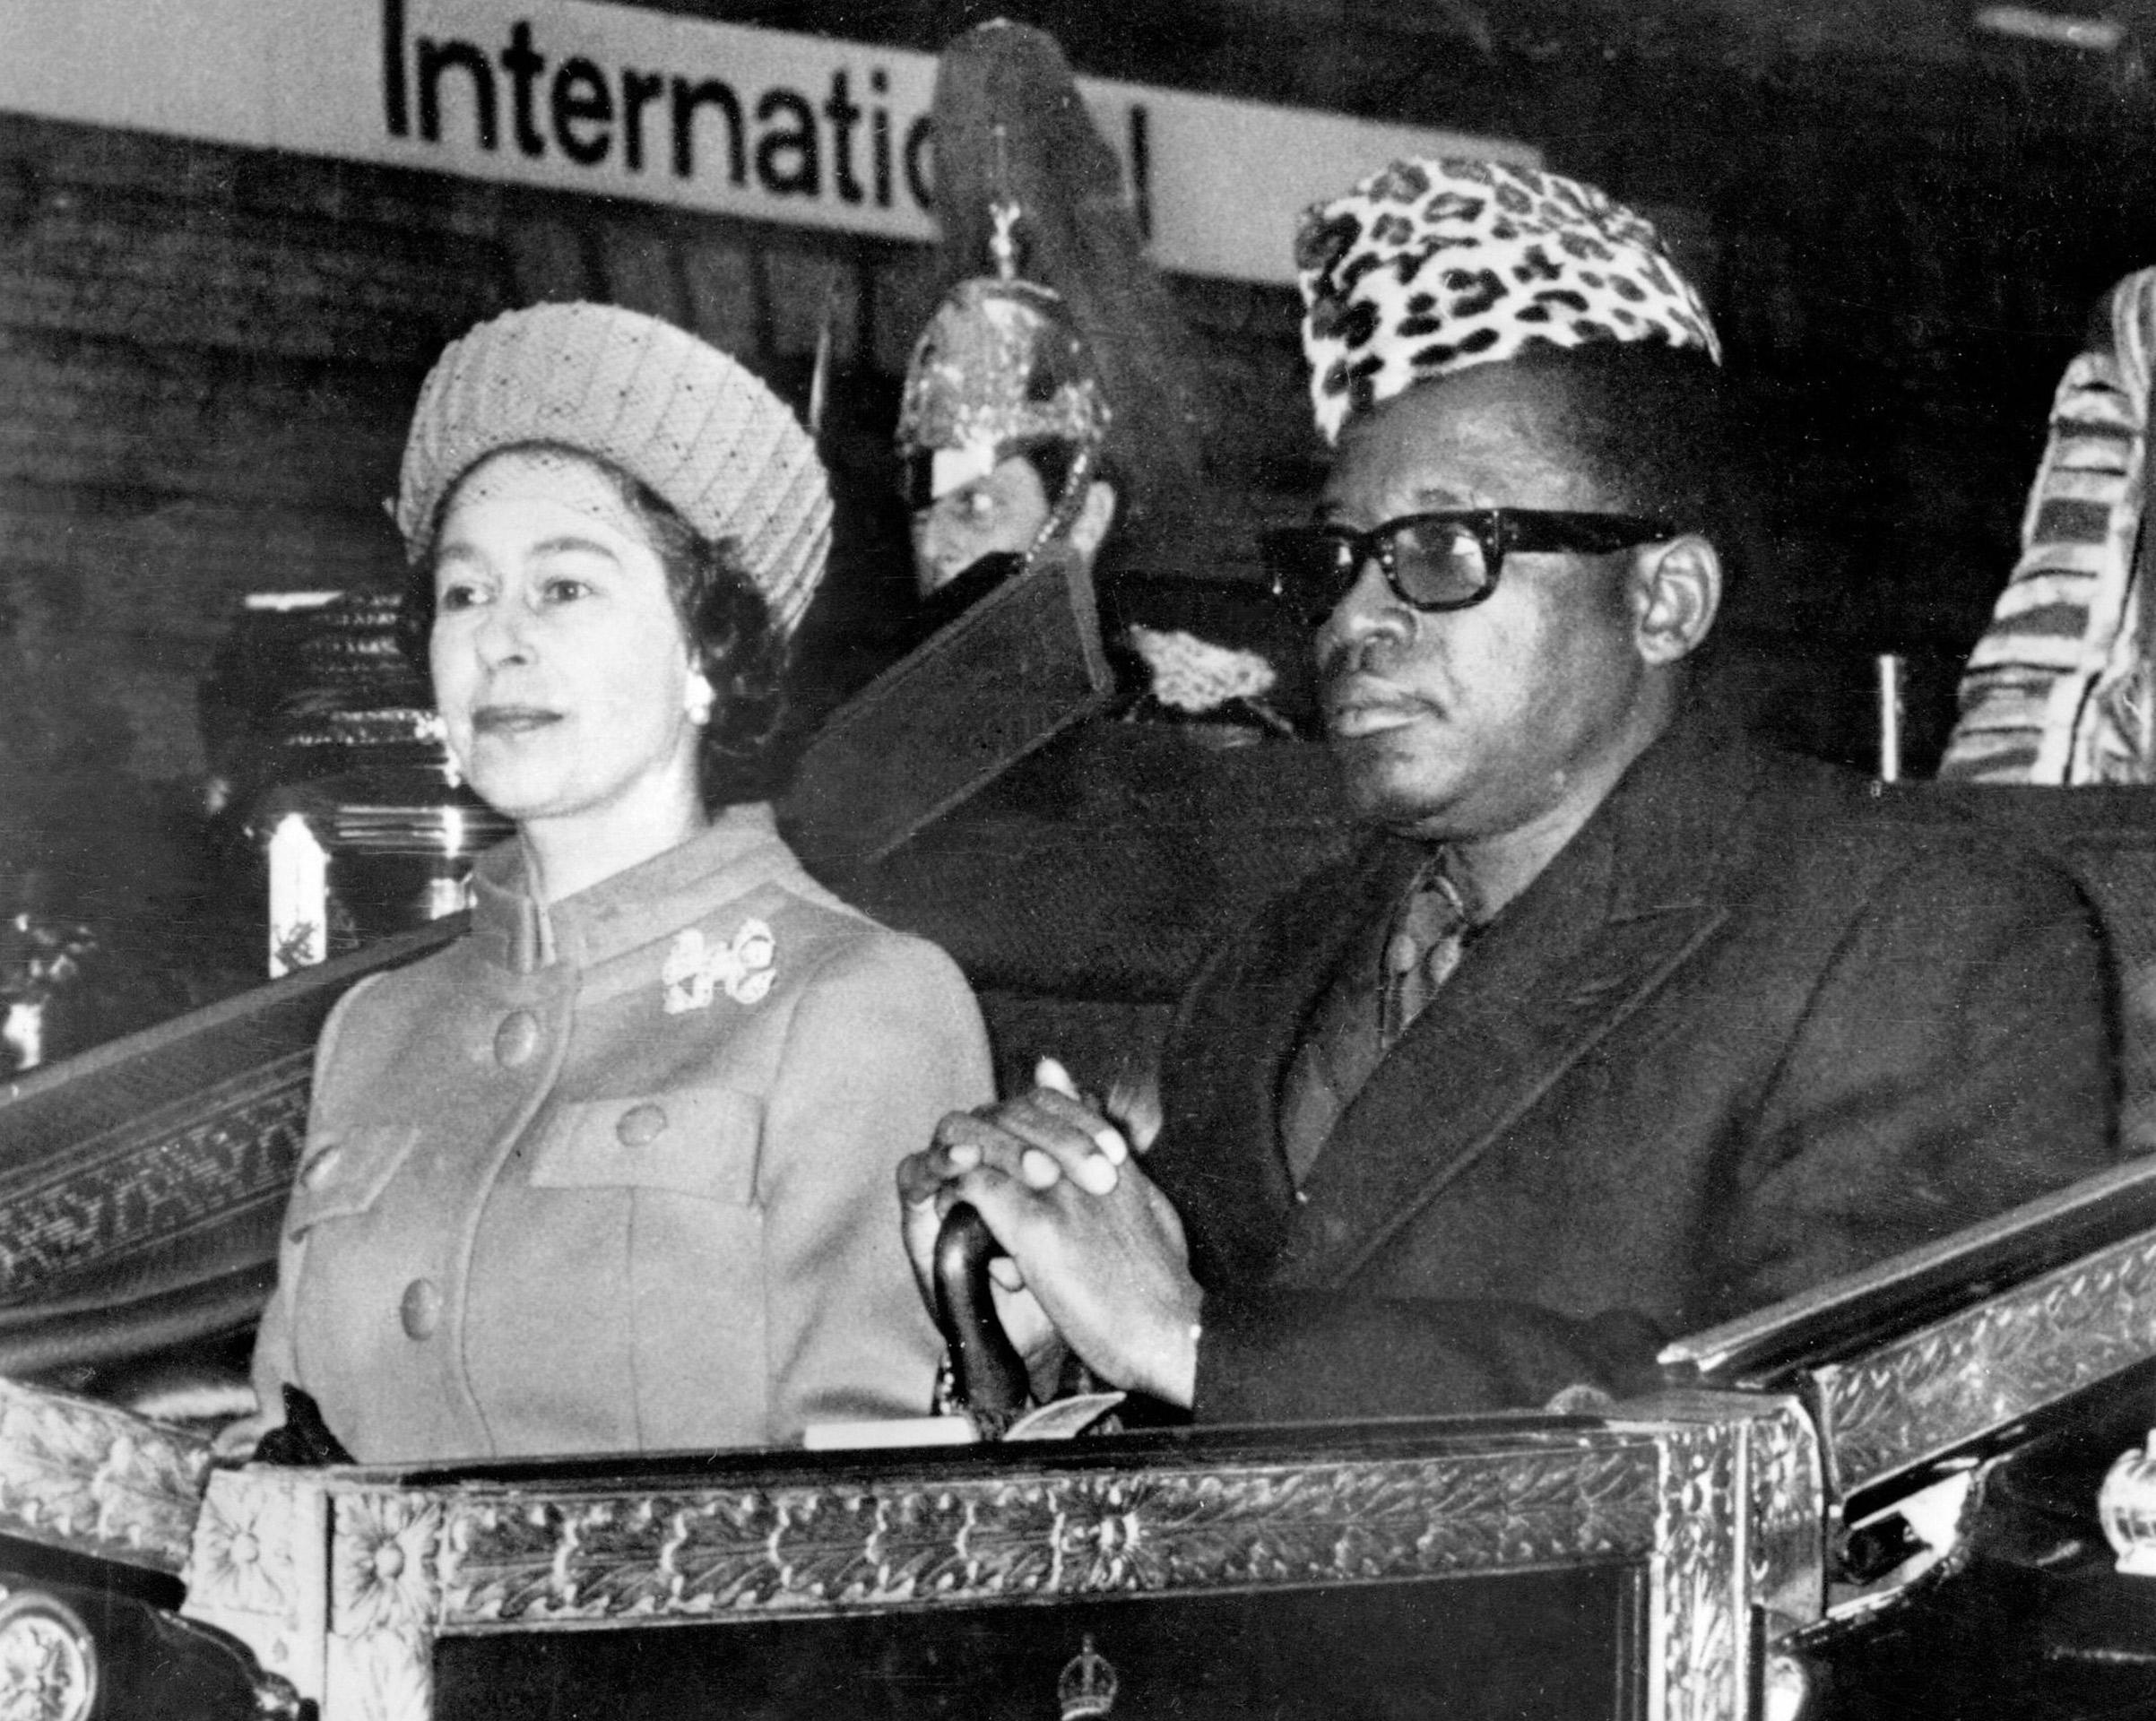 Former Zairean president Mobutu Sese Seko with Britain's Queen Elizabeth II in December 1973.